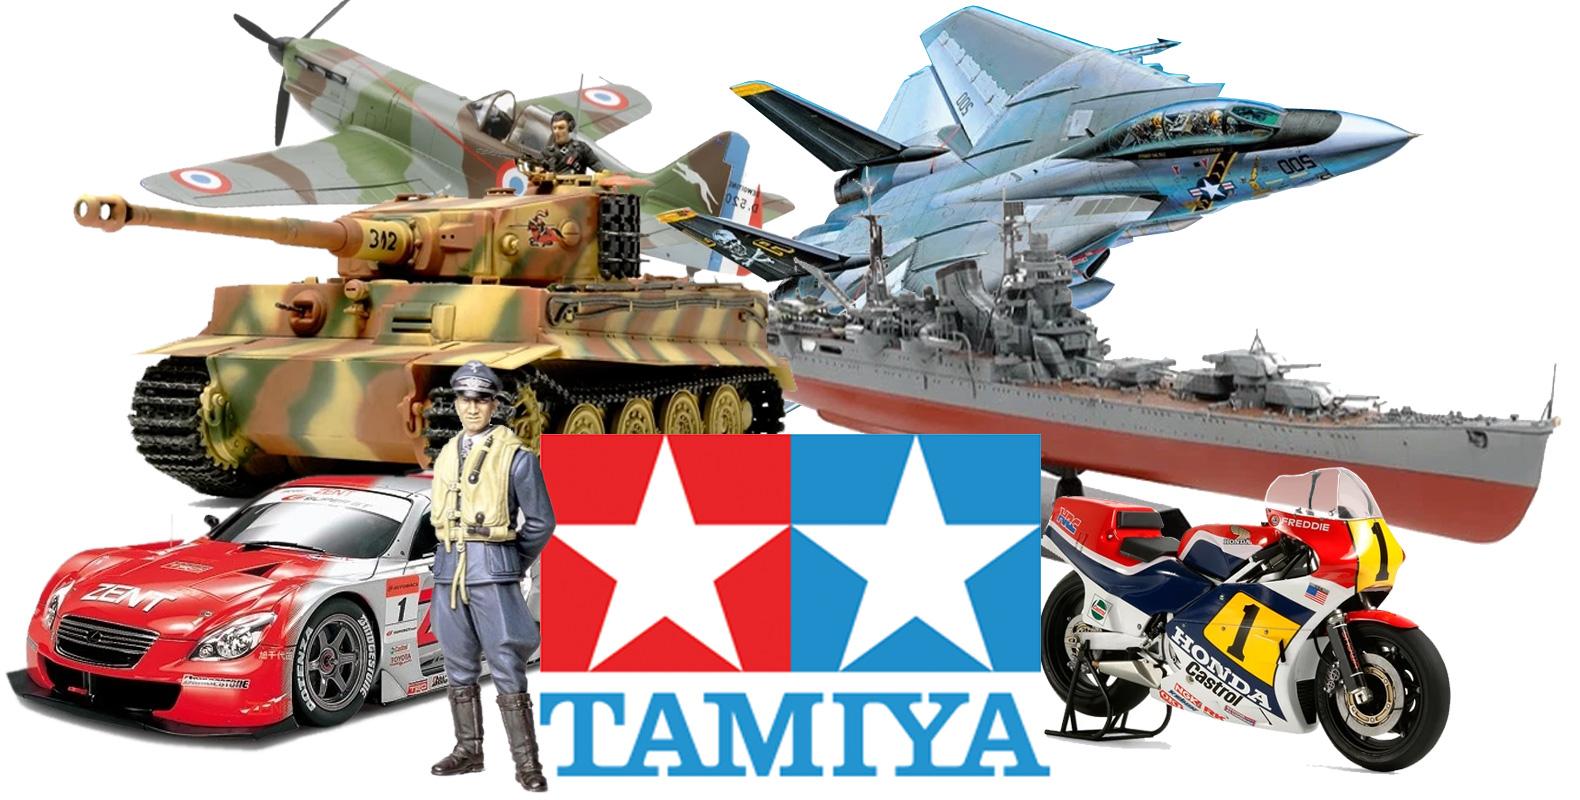 Tamiya models giant restock 05.04.21